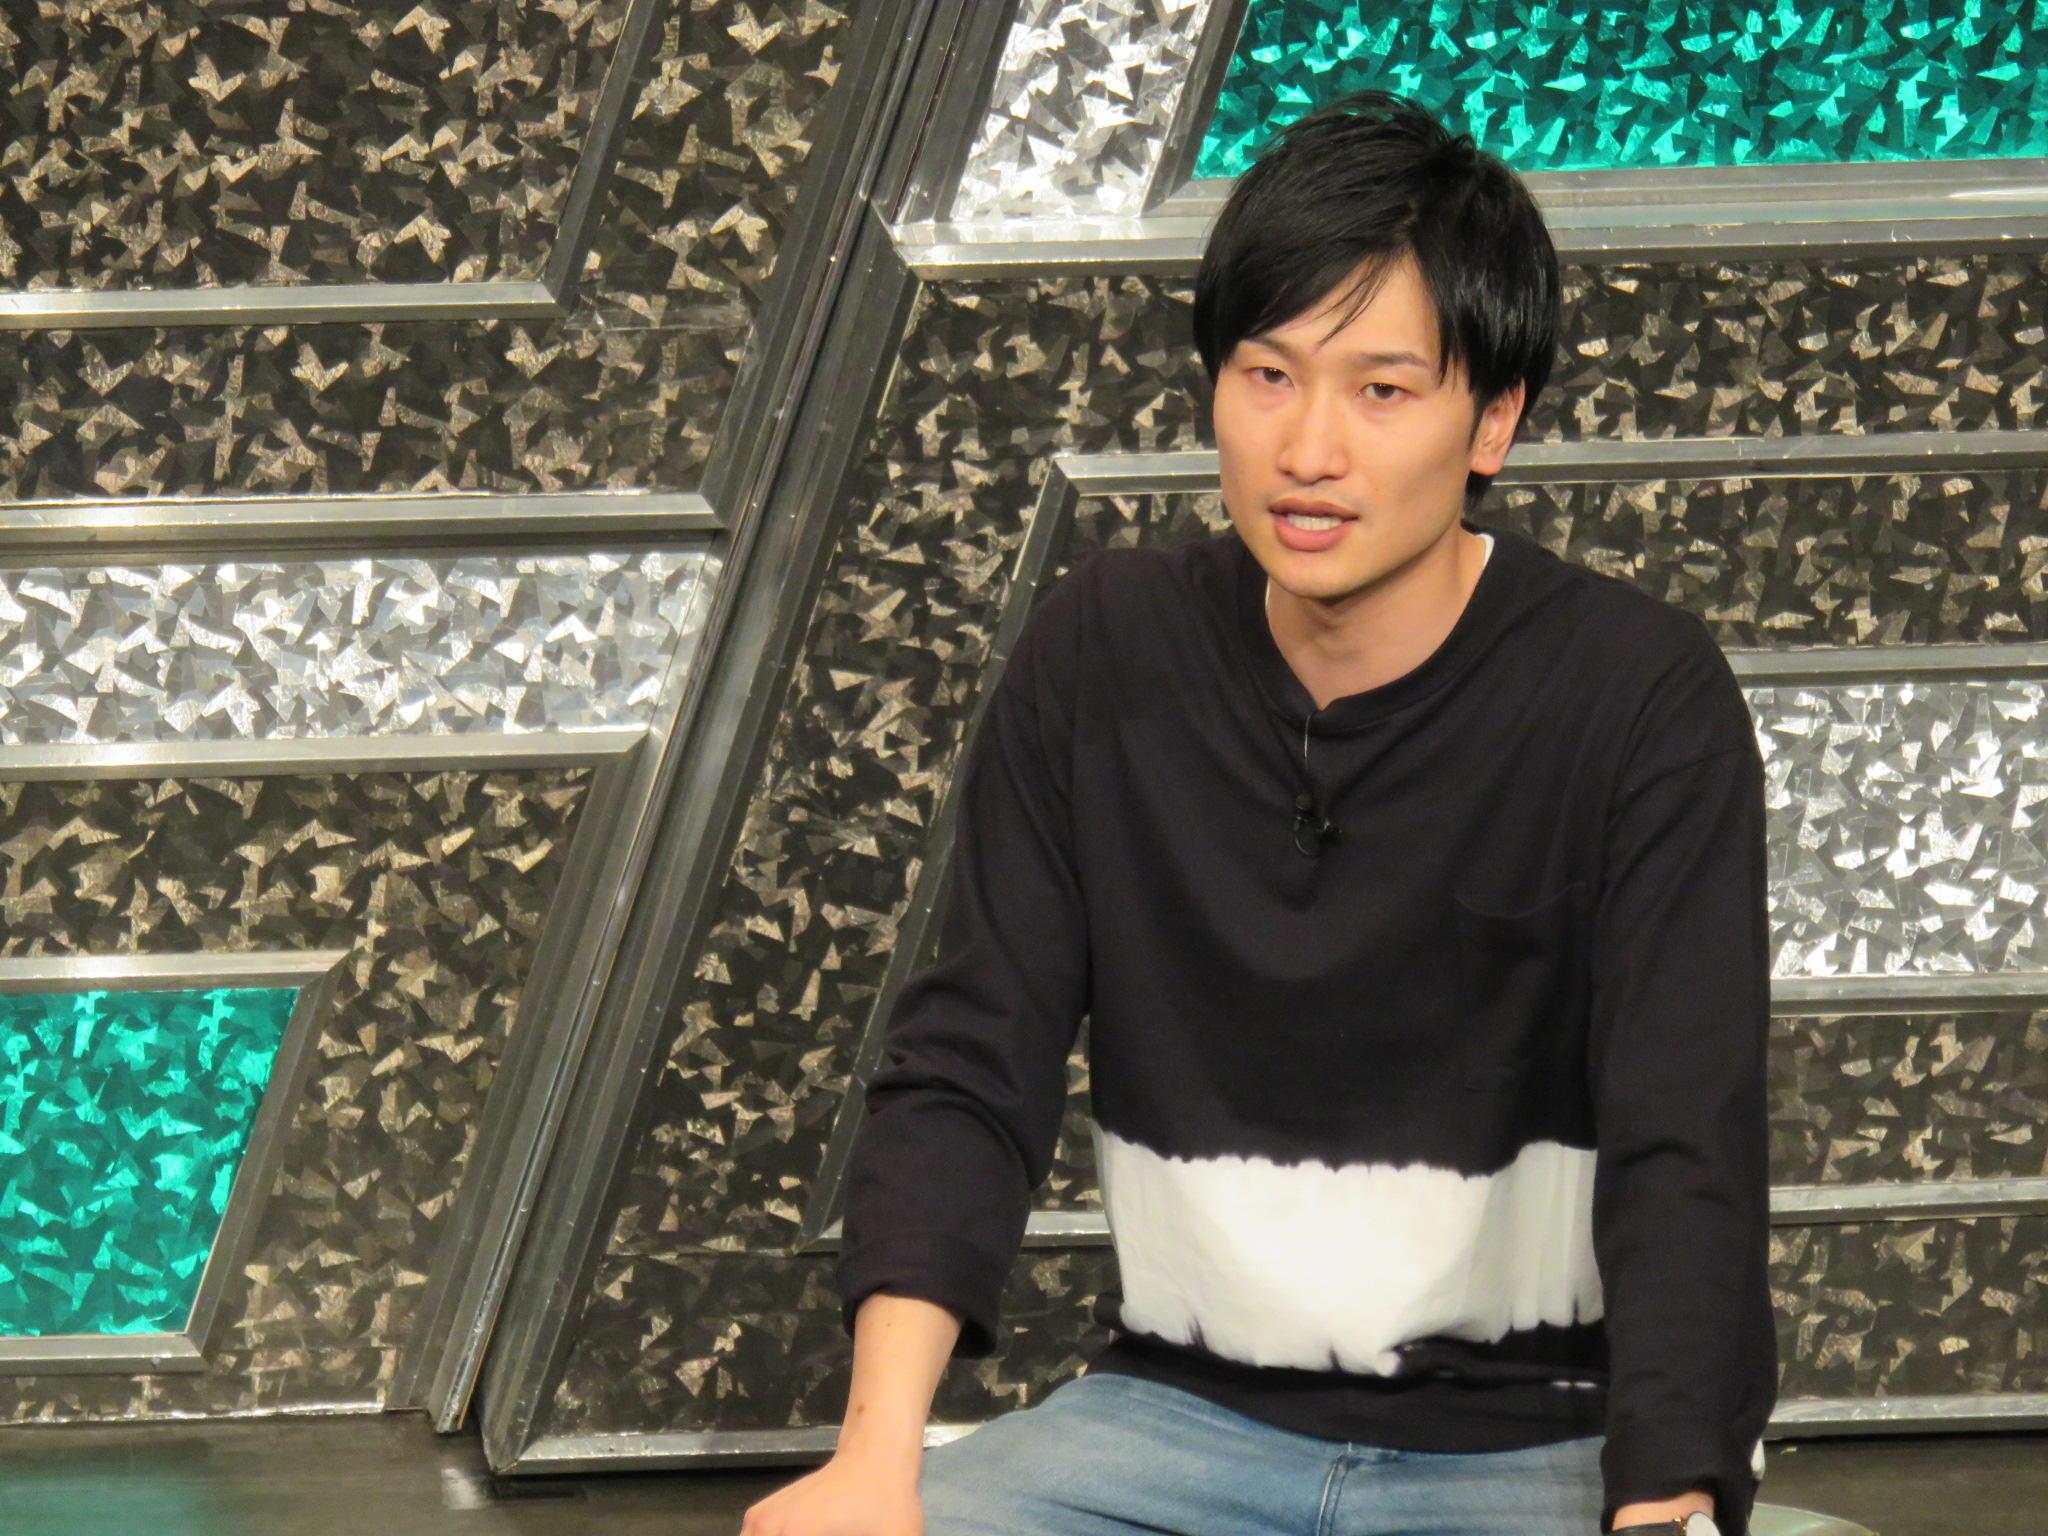 http://news.yoshimoto.co.jp/20170331201020-e7ee7a23765843b0276ad8b6039f54bd1694f9d9.jpg